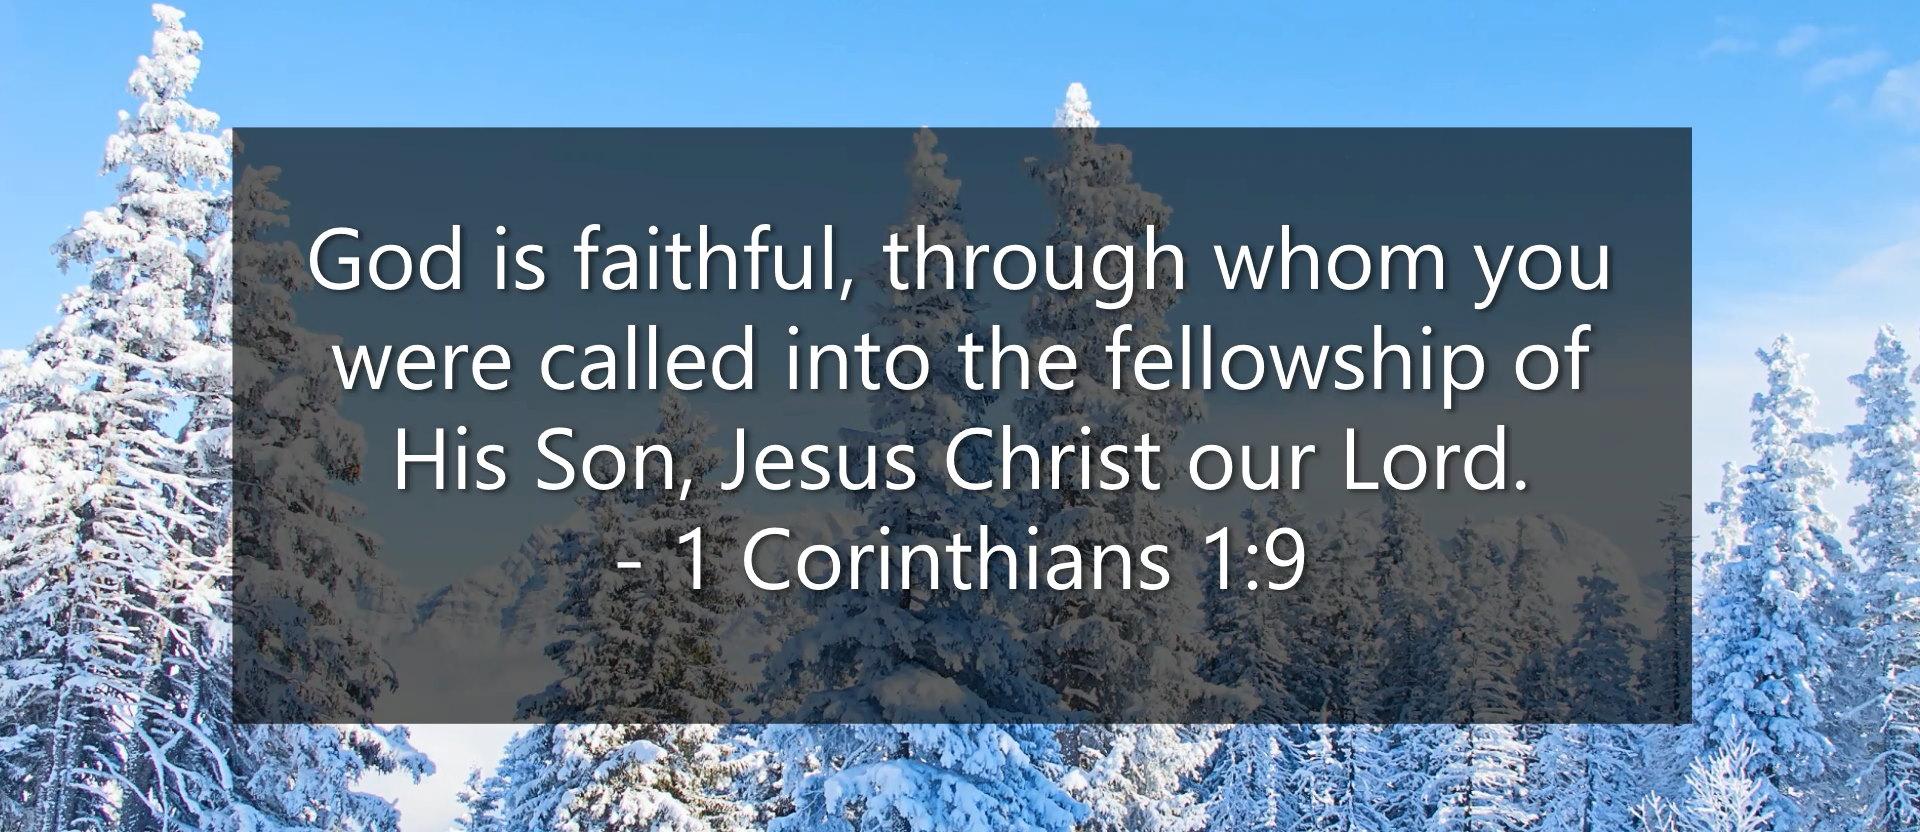 1 Cor 1-9 God is faithful - Sharp